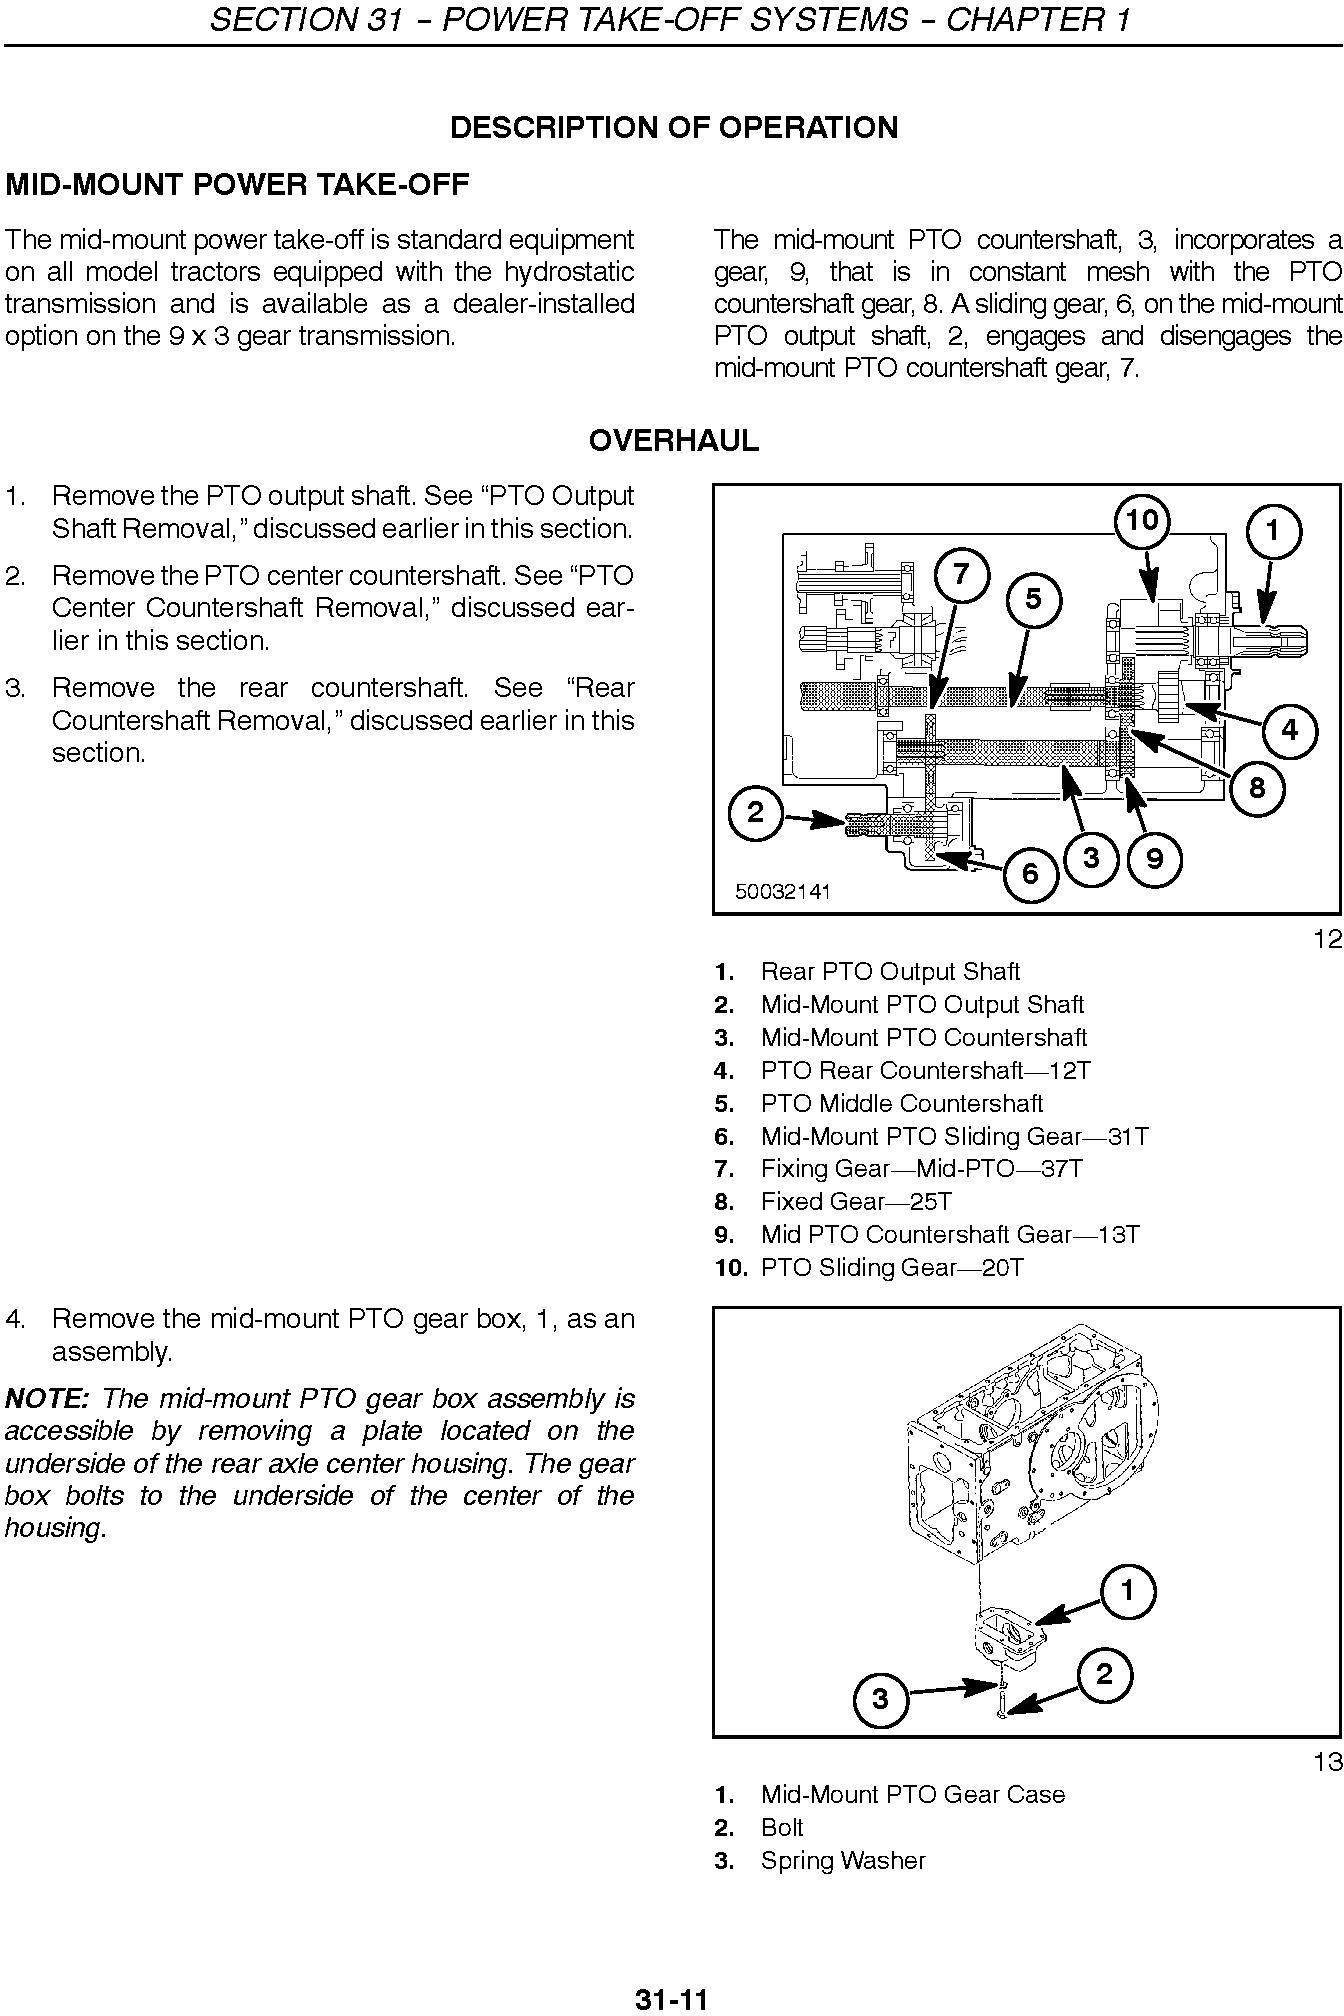 New Holland TC29DA, TC33DA Compact Tractor Complete Service Manual - 3